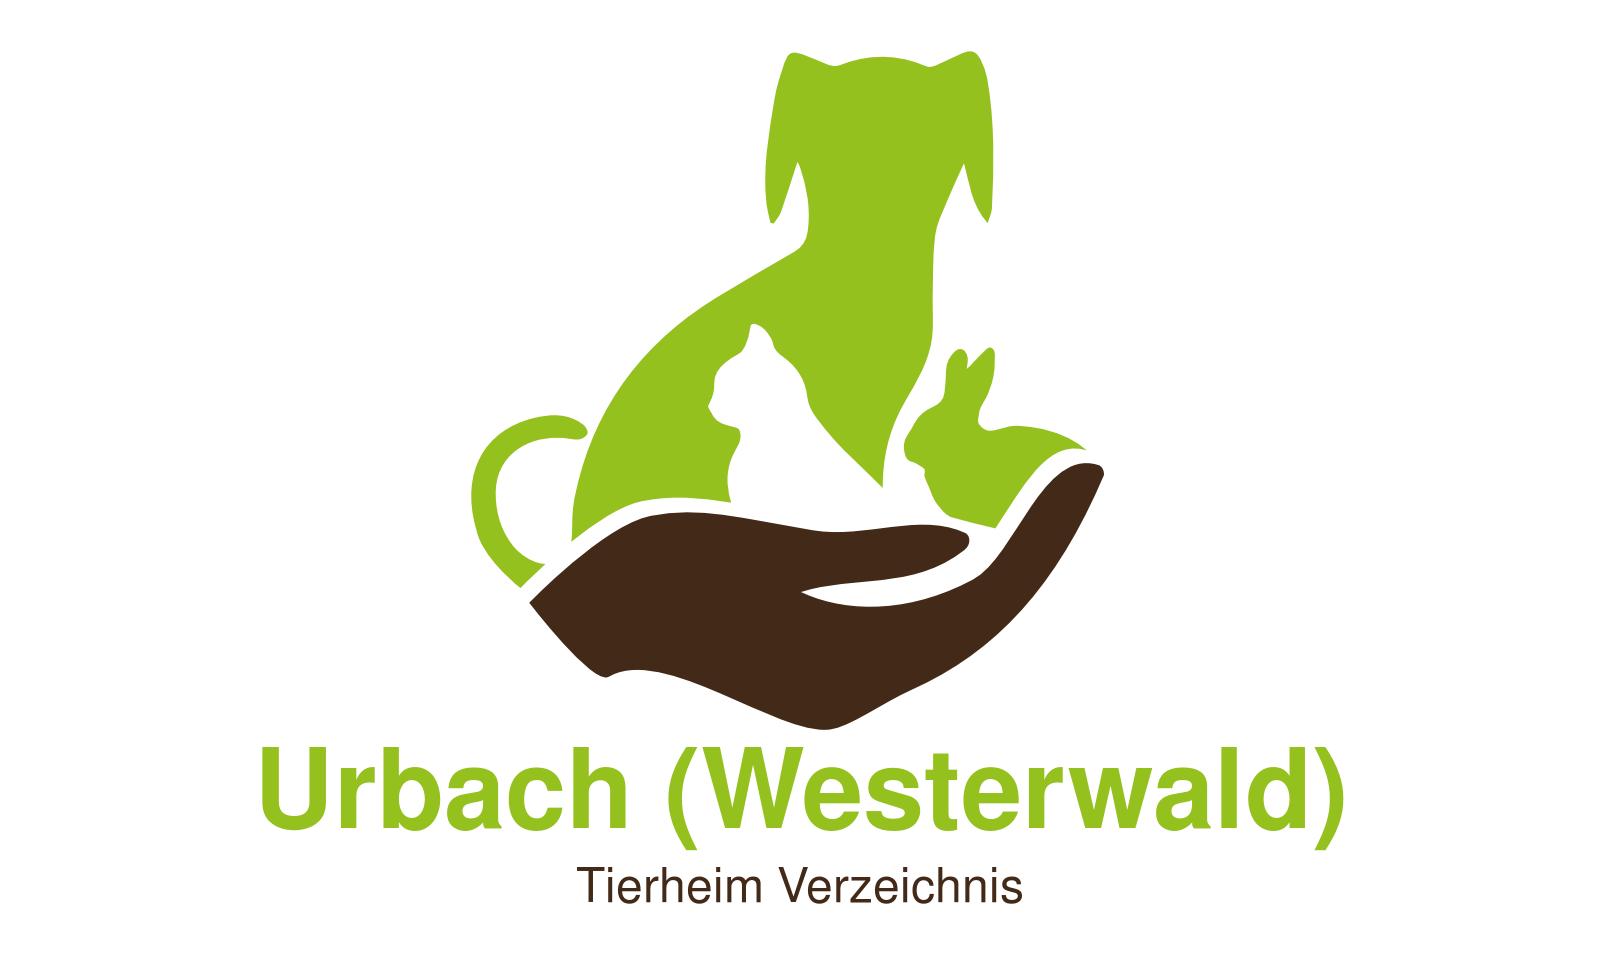 Tierheim Urbach (Westerwald)